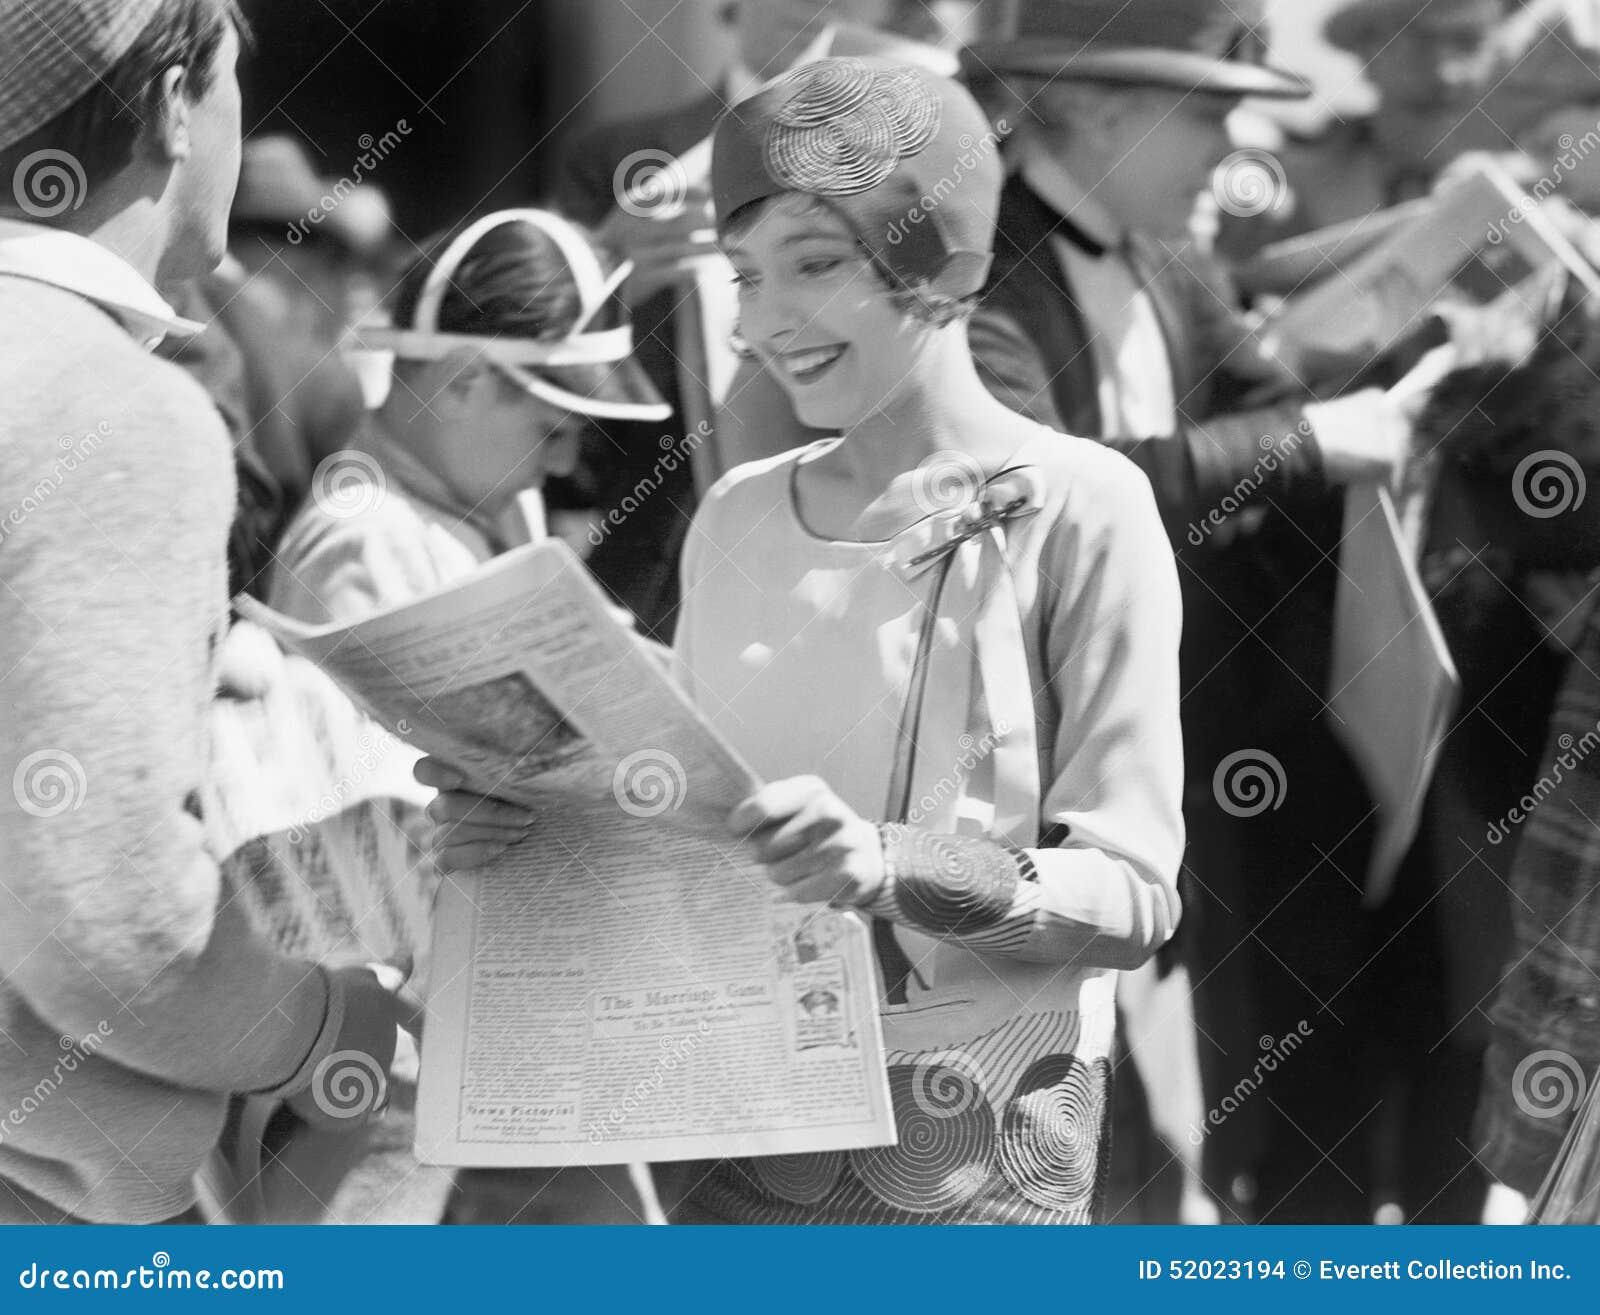 Κομψή γυναίκα που διαβάζει μια εφημερίδα (όλα τα πρόσωπα που απεικονίζονται δεν ζουν περισσότερο και κανένα κτήμα δεν υπάρχει Εξο